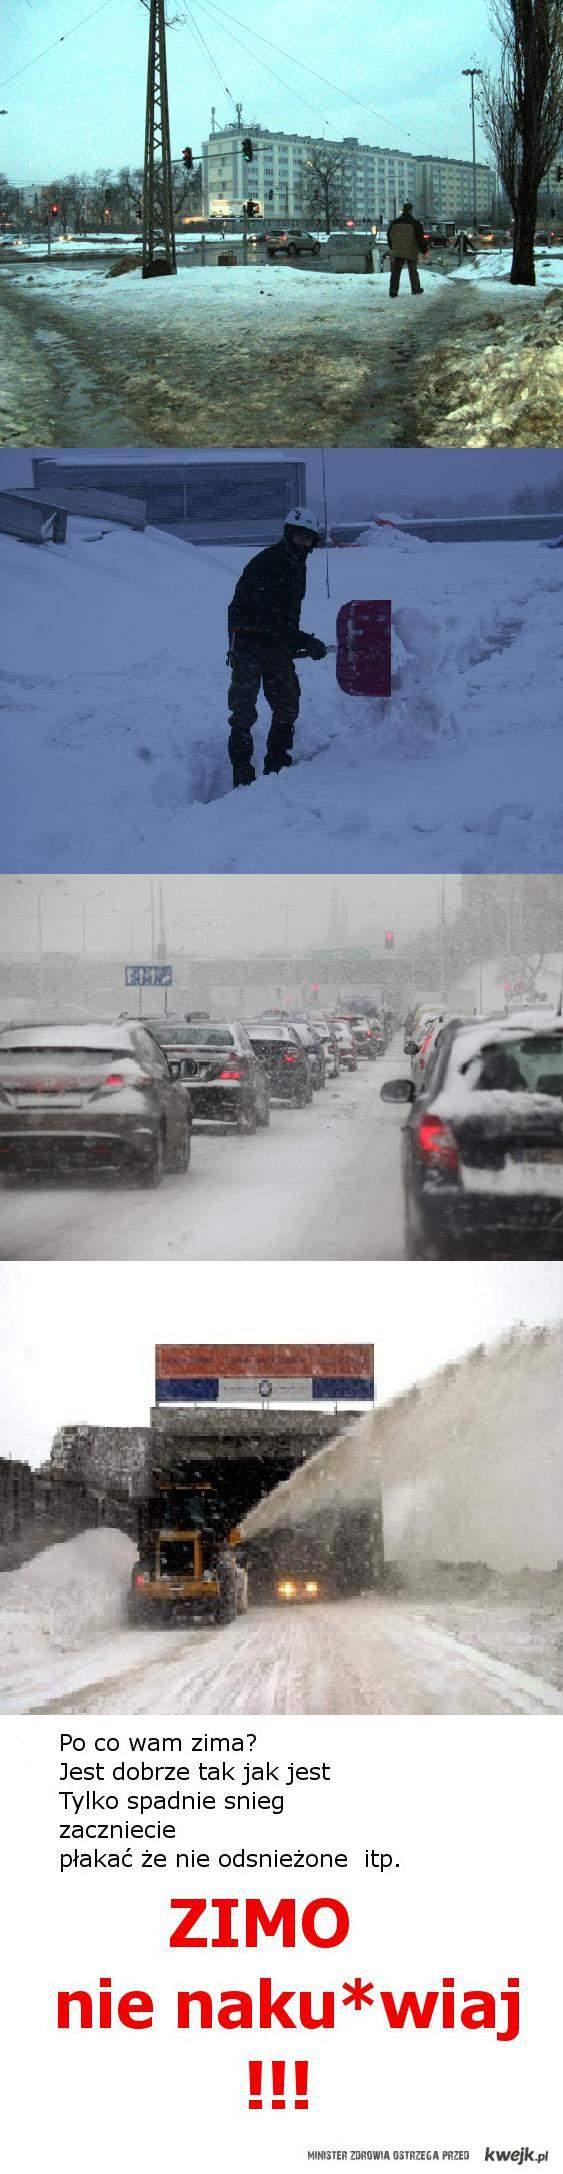 zimo nie nak*rwiaj